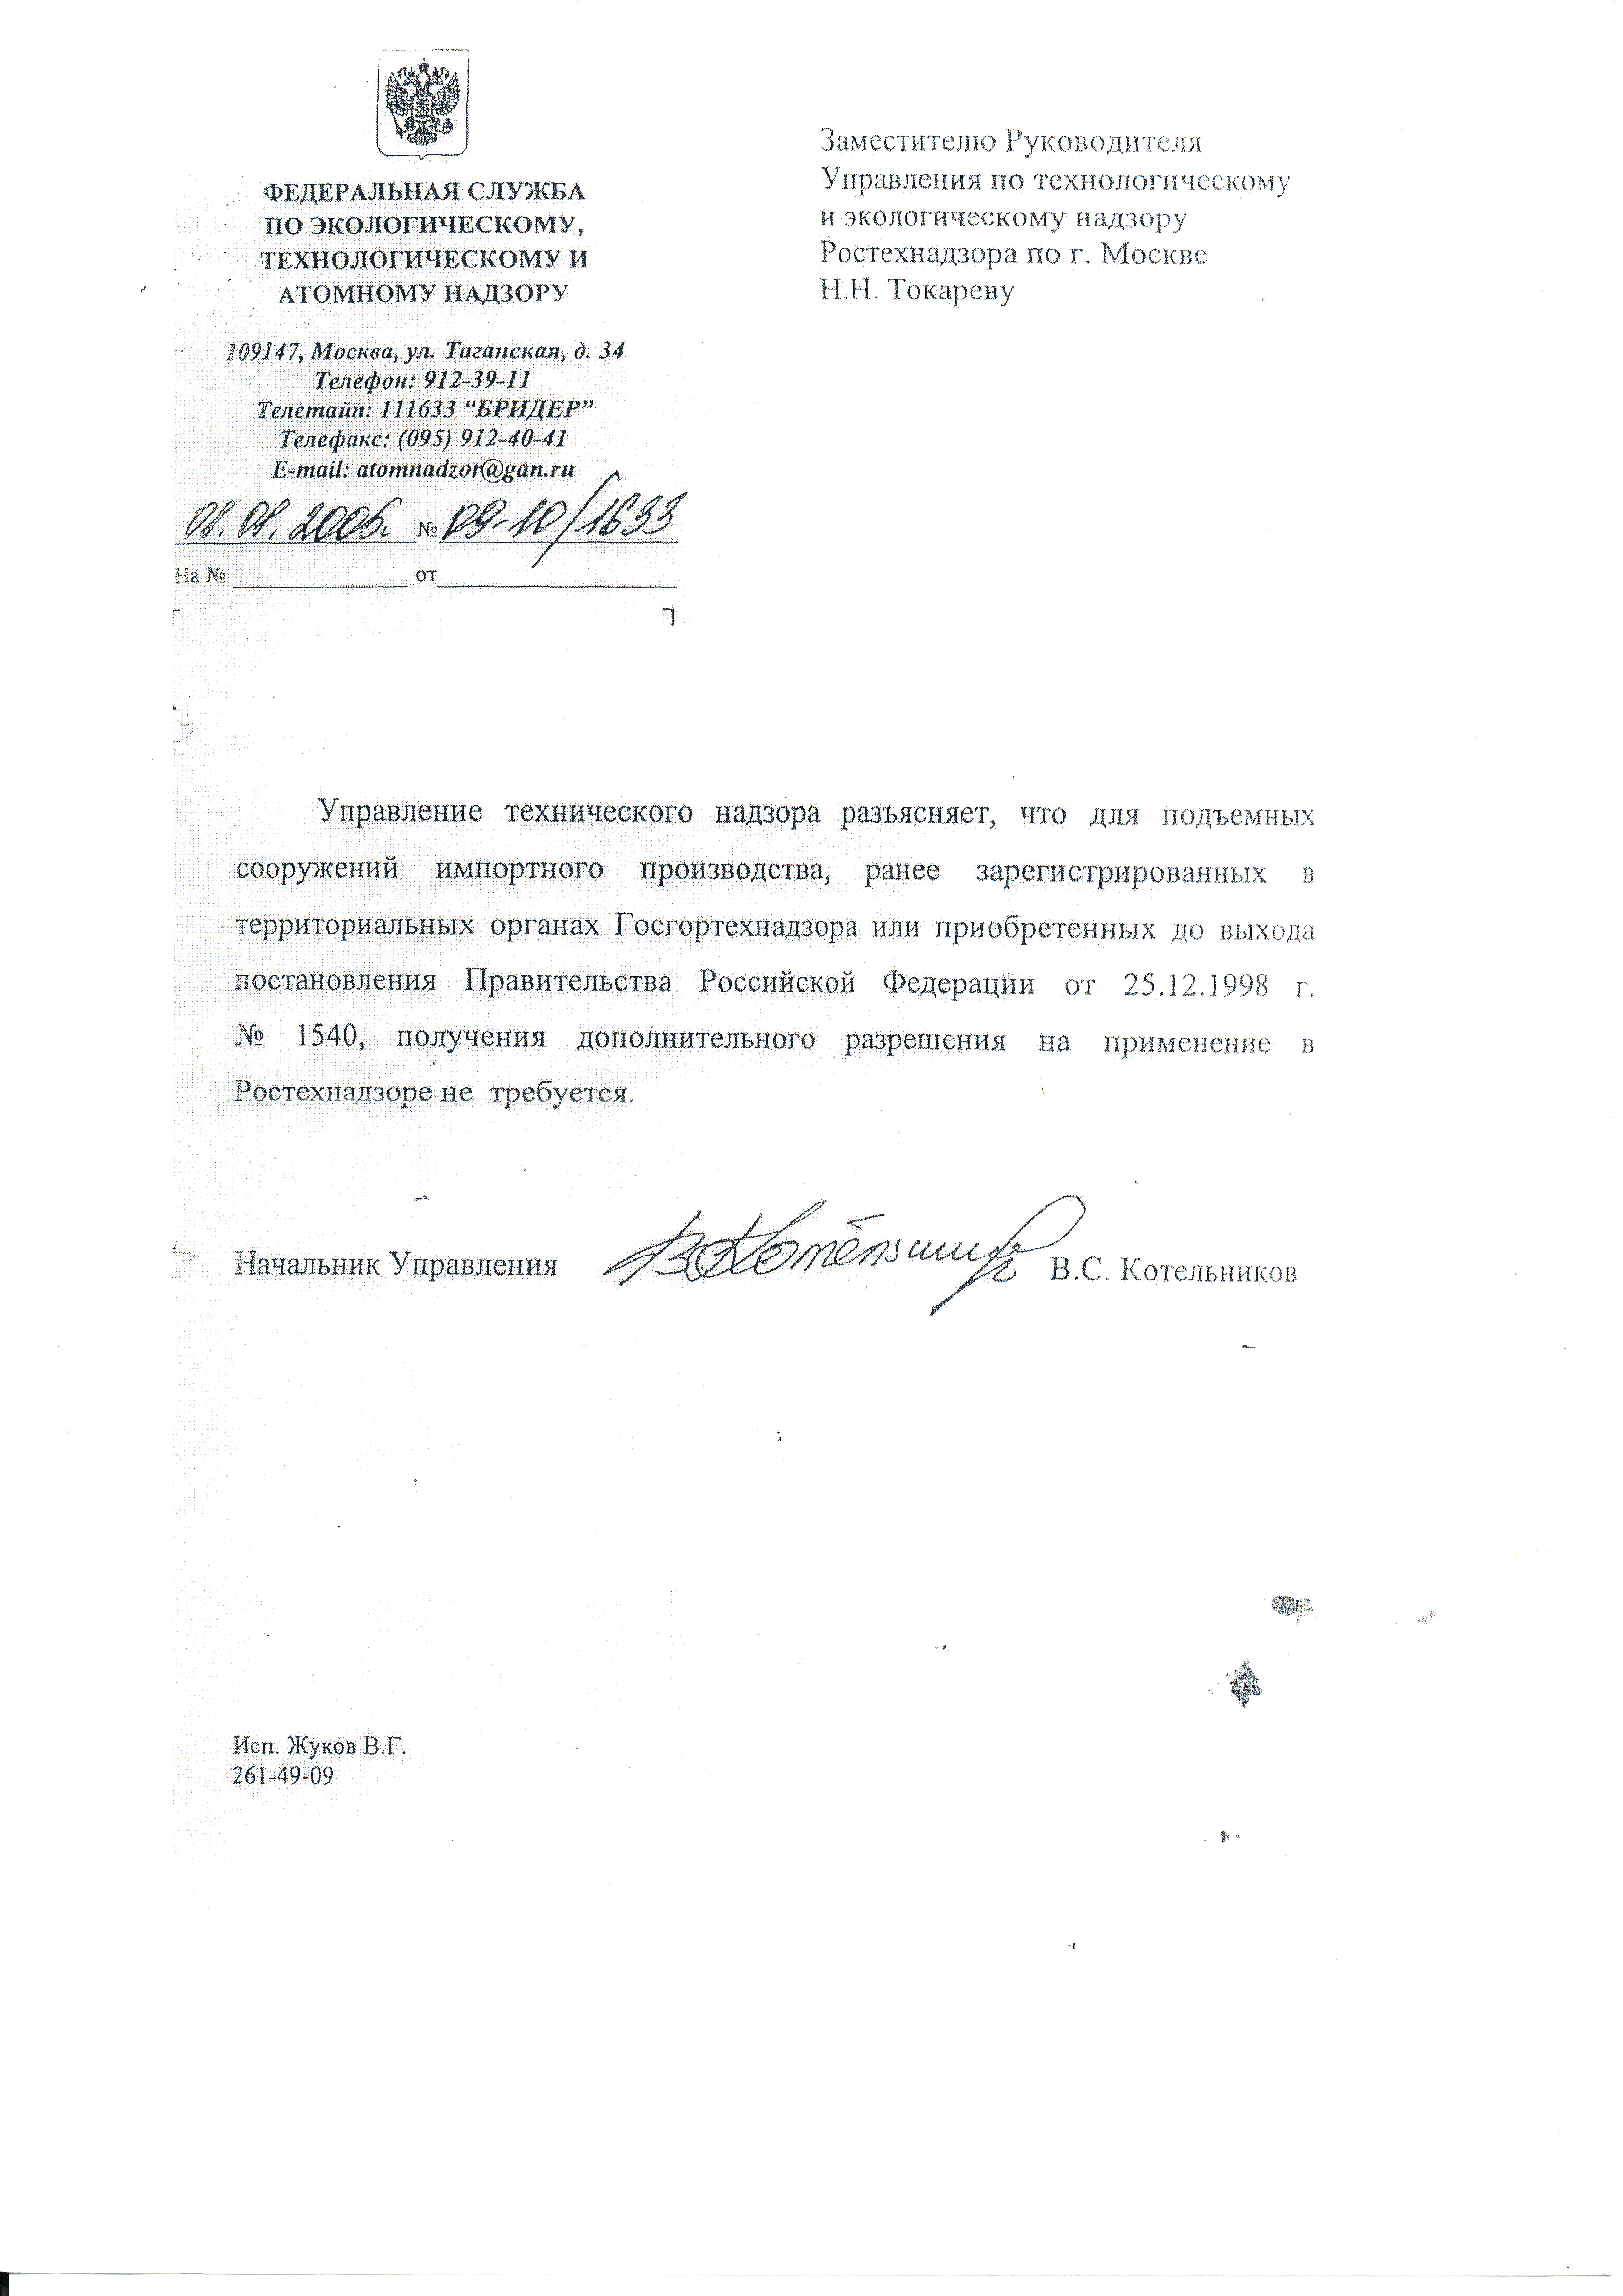 письмо образец о продлении сроков выполнения работ